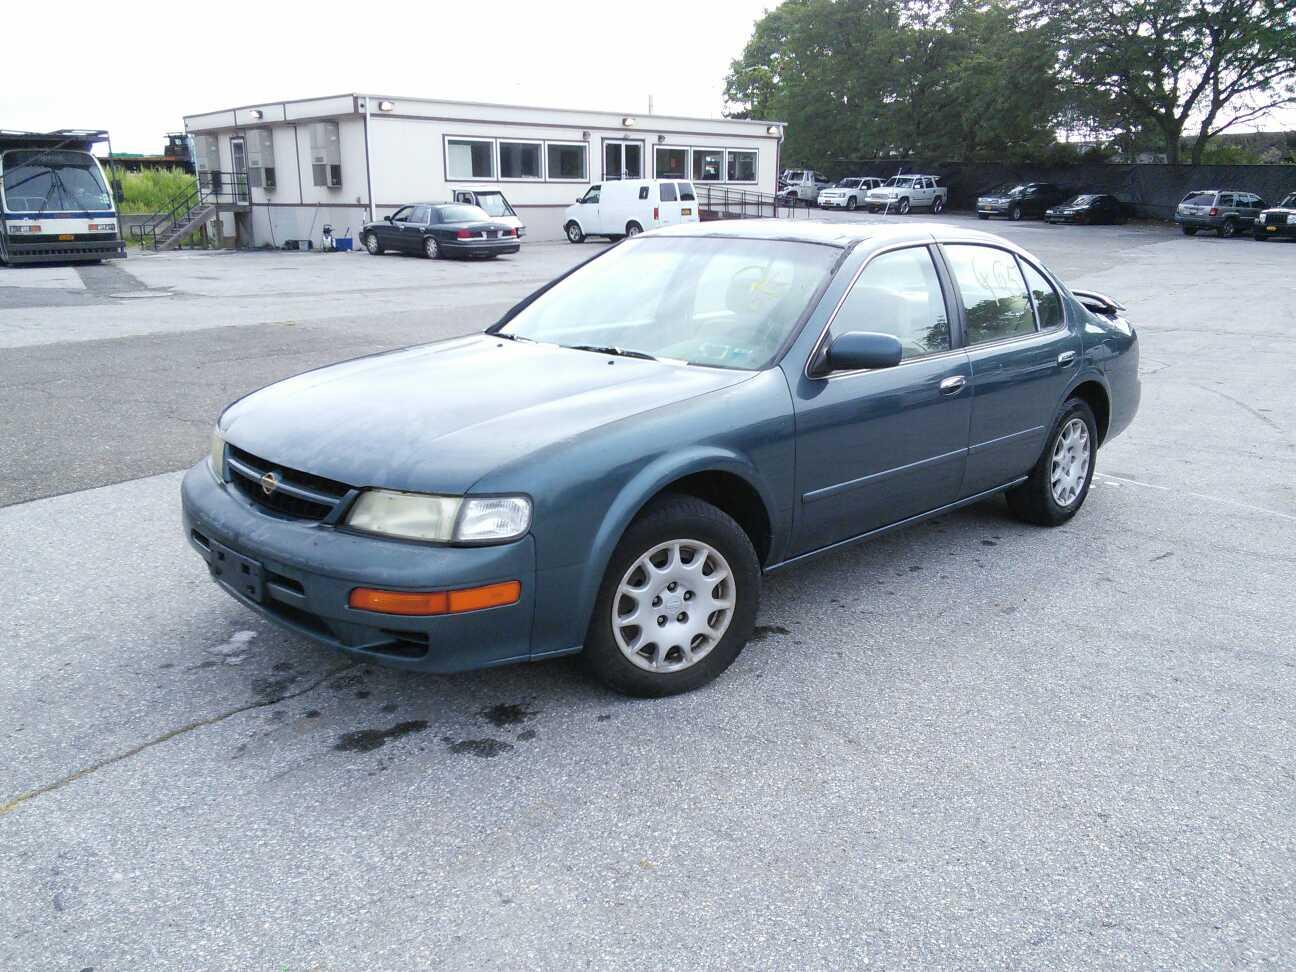 car deals 1998 nissan maxima valued at 1 837 property room blog property room blog